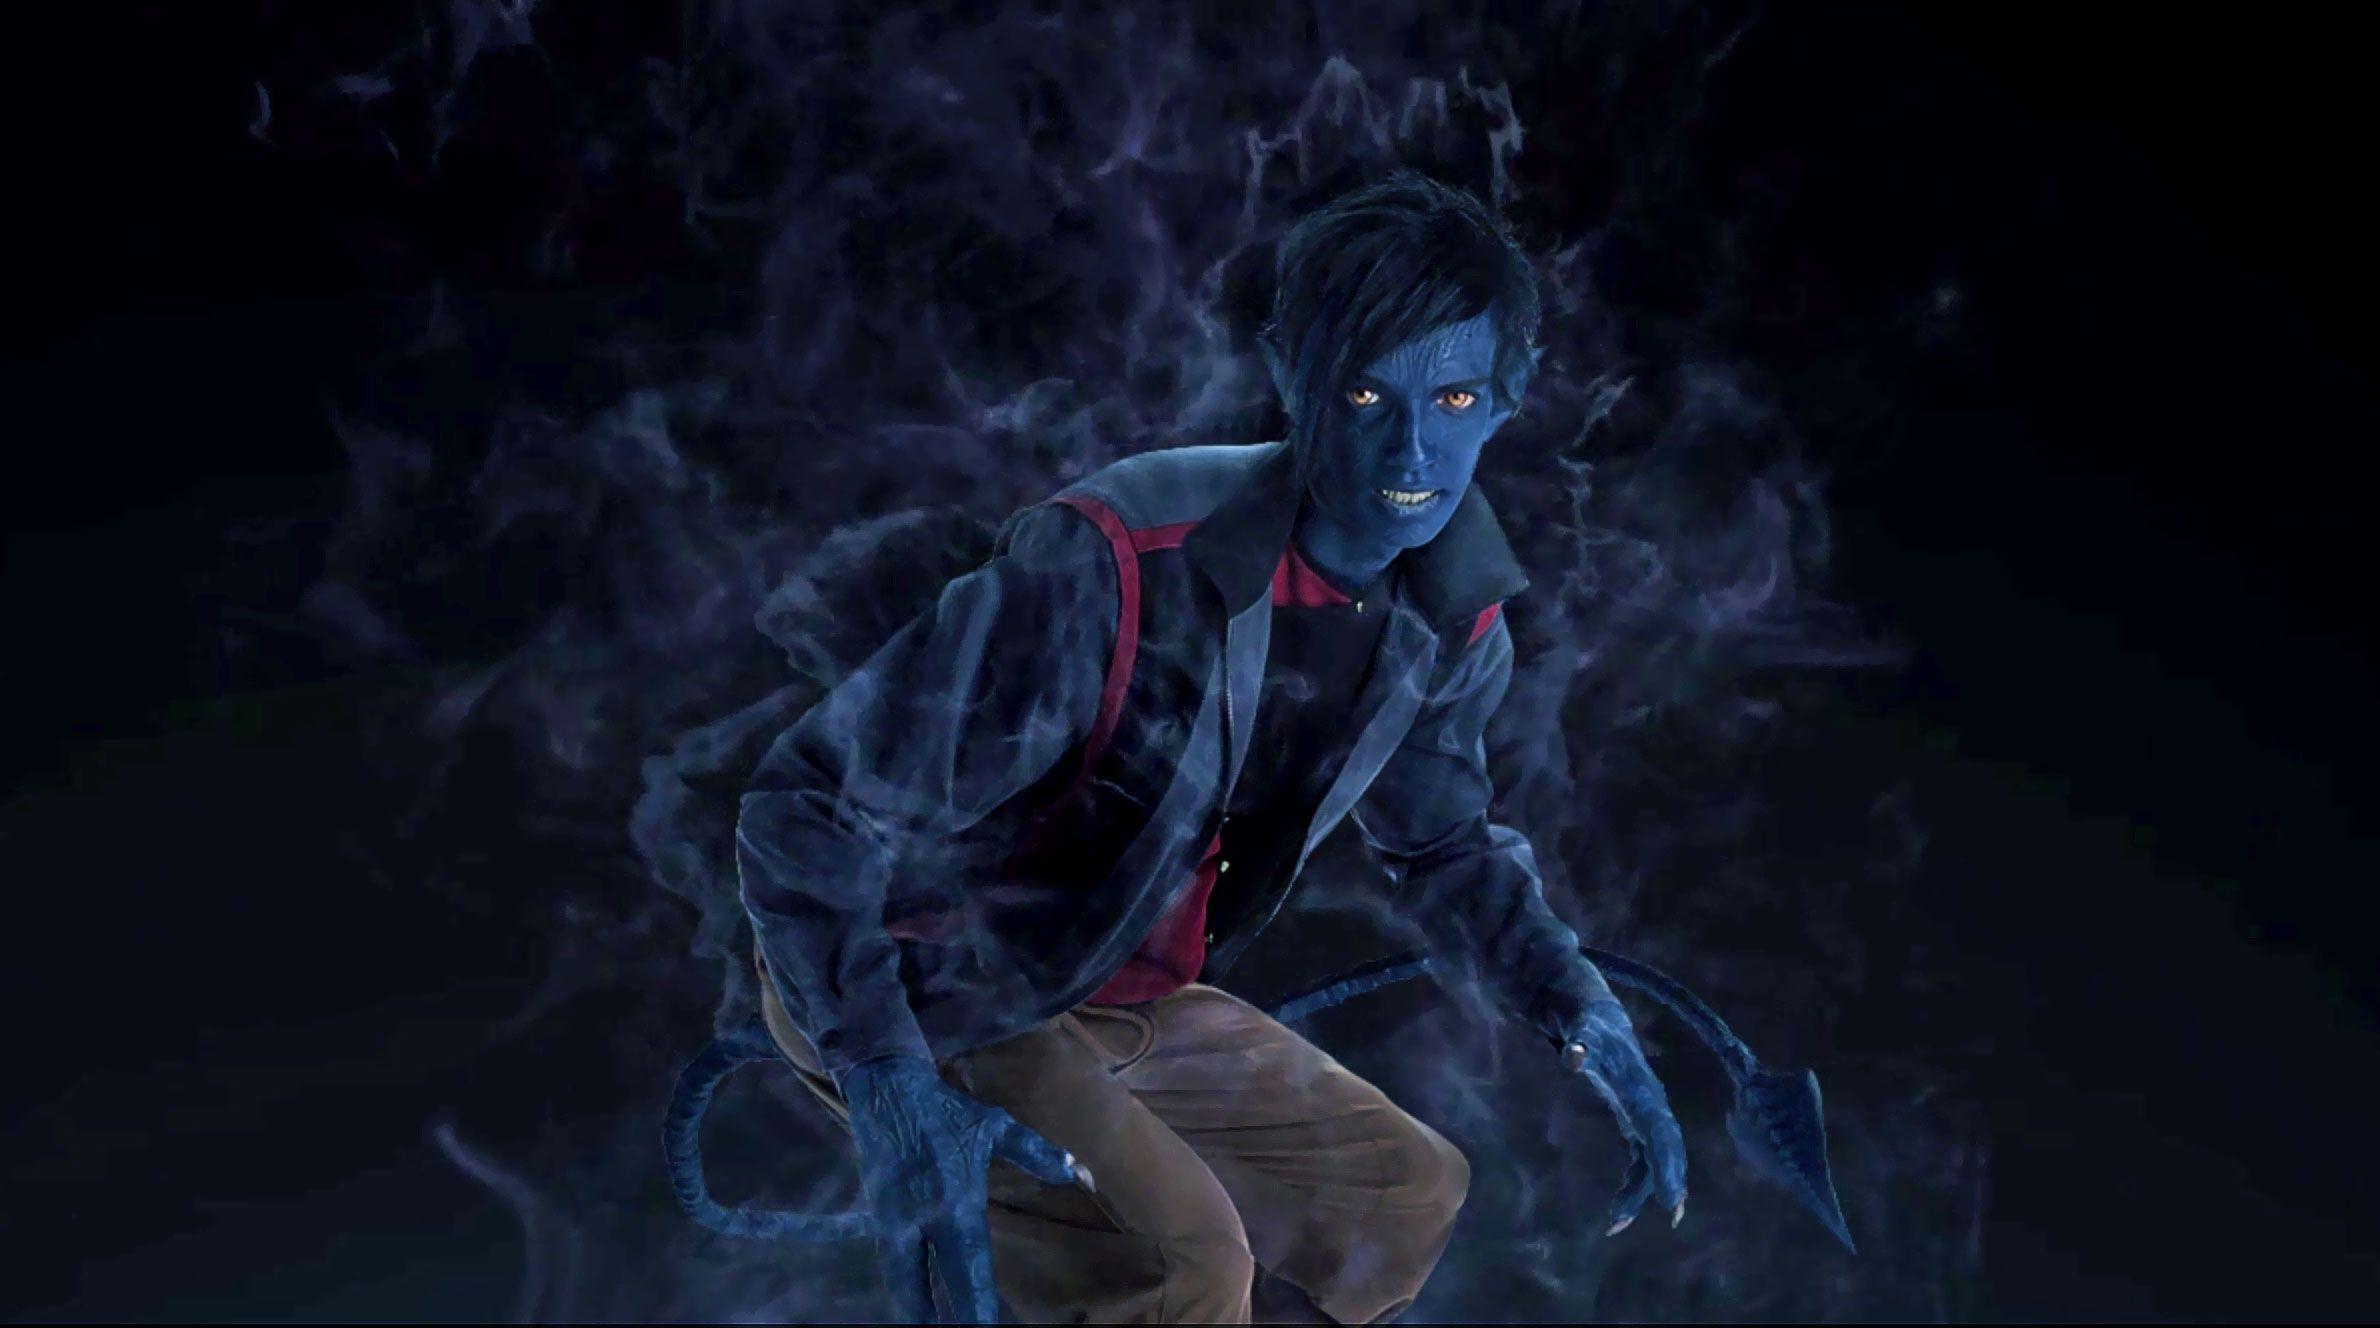 Resultado de imagem para x-men dark phoenix nightcrawler